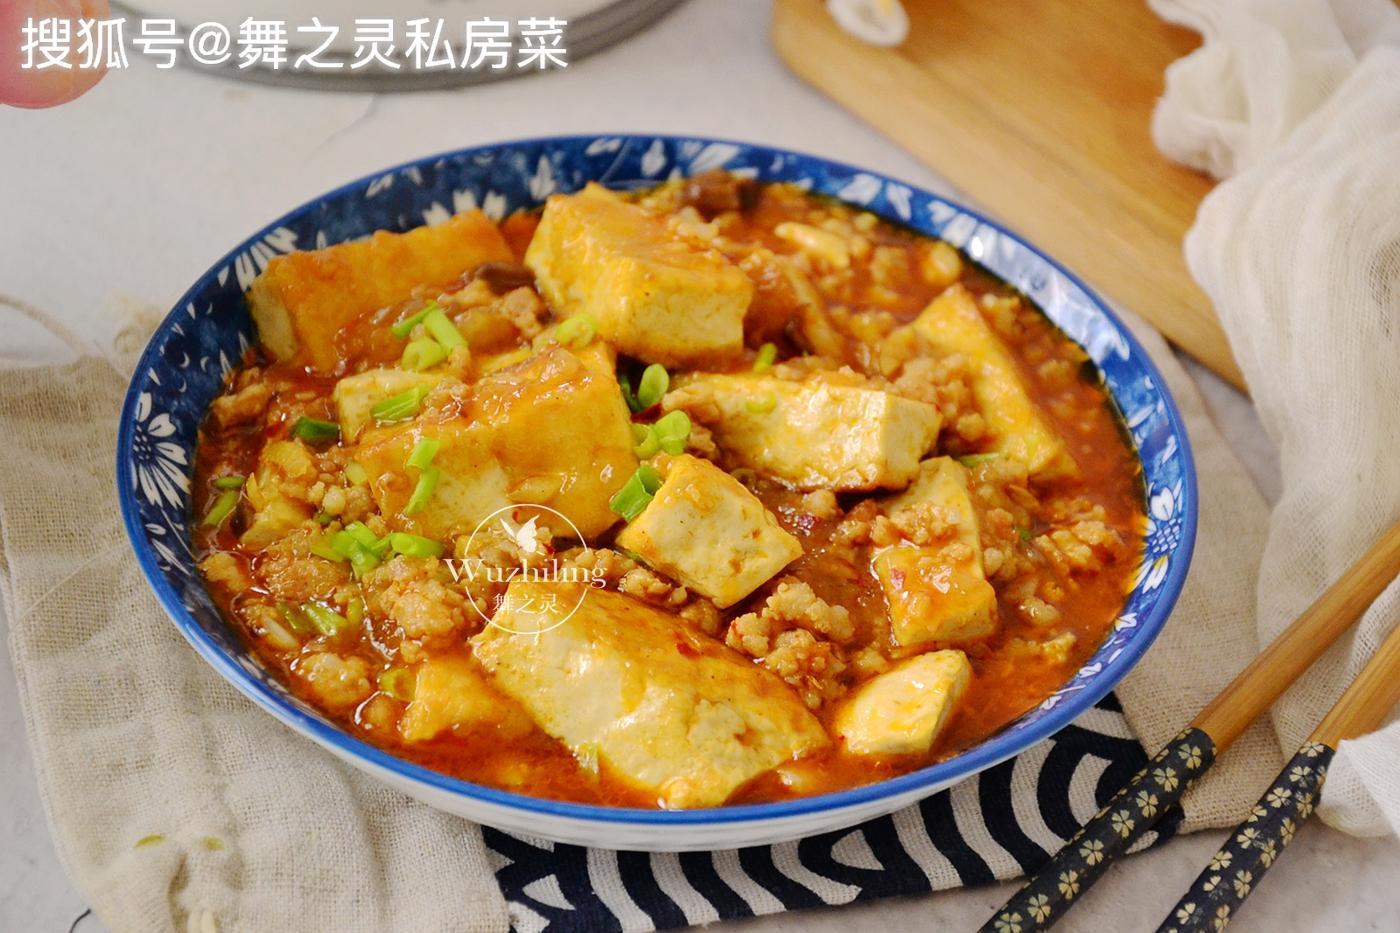 豆腐和它是绝配,2块钱烧一大盘,比吃牛肉便宜,比猪肉还营养,值